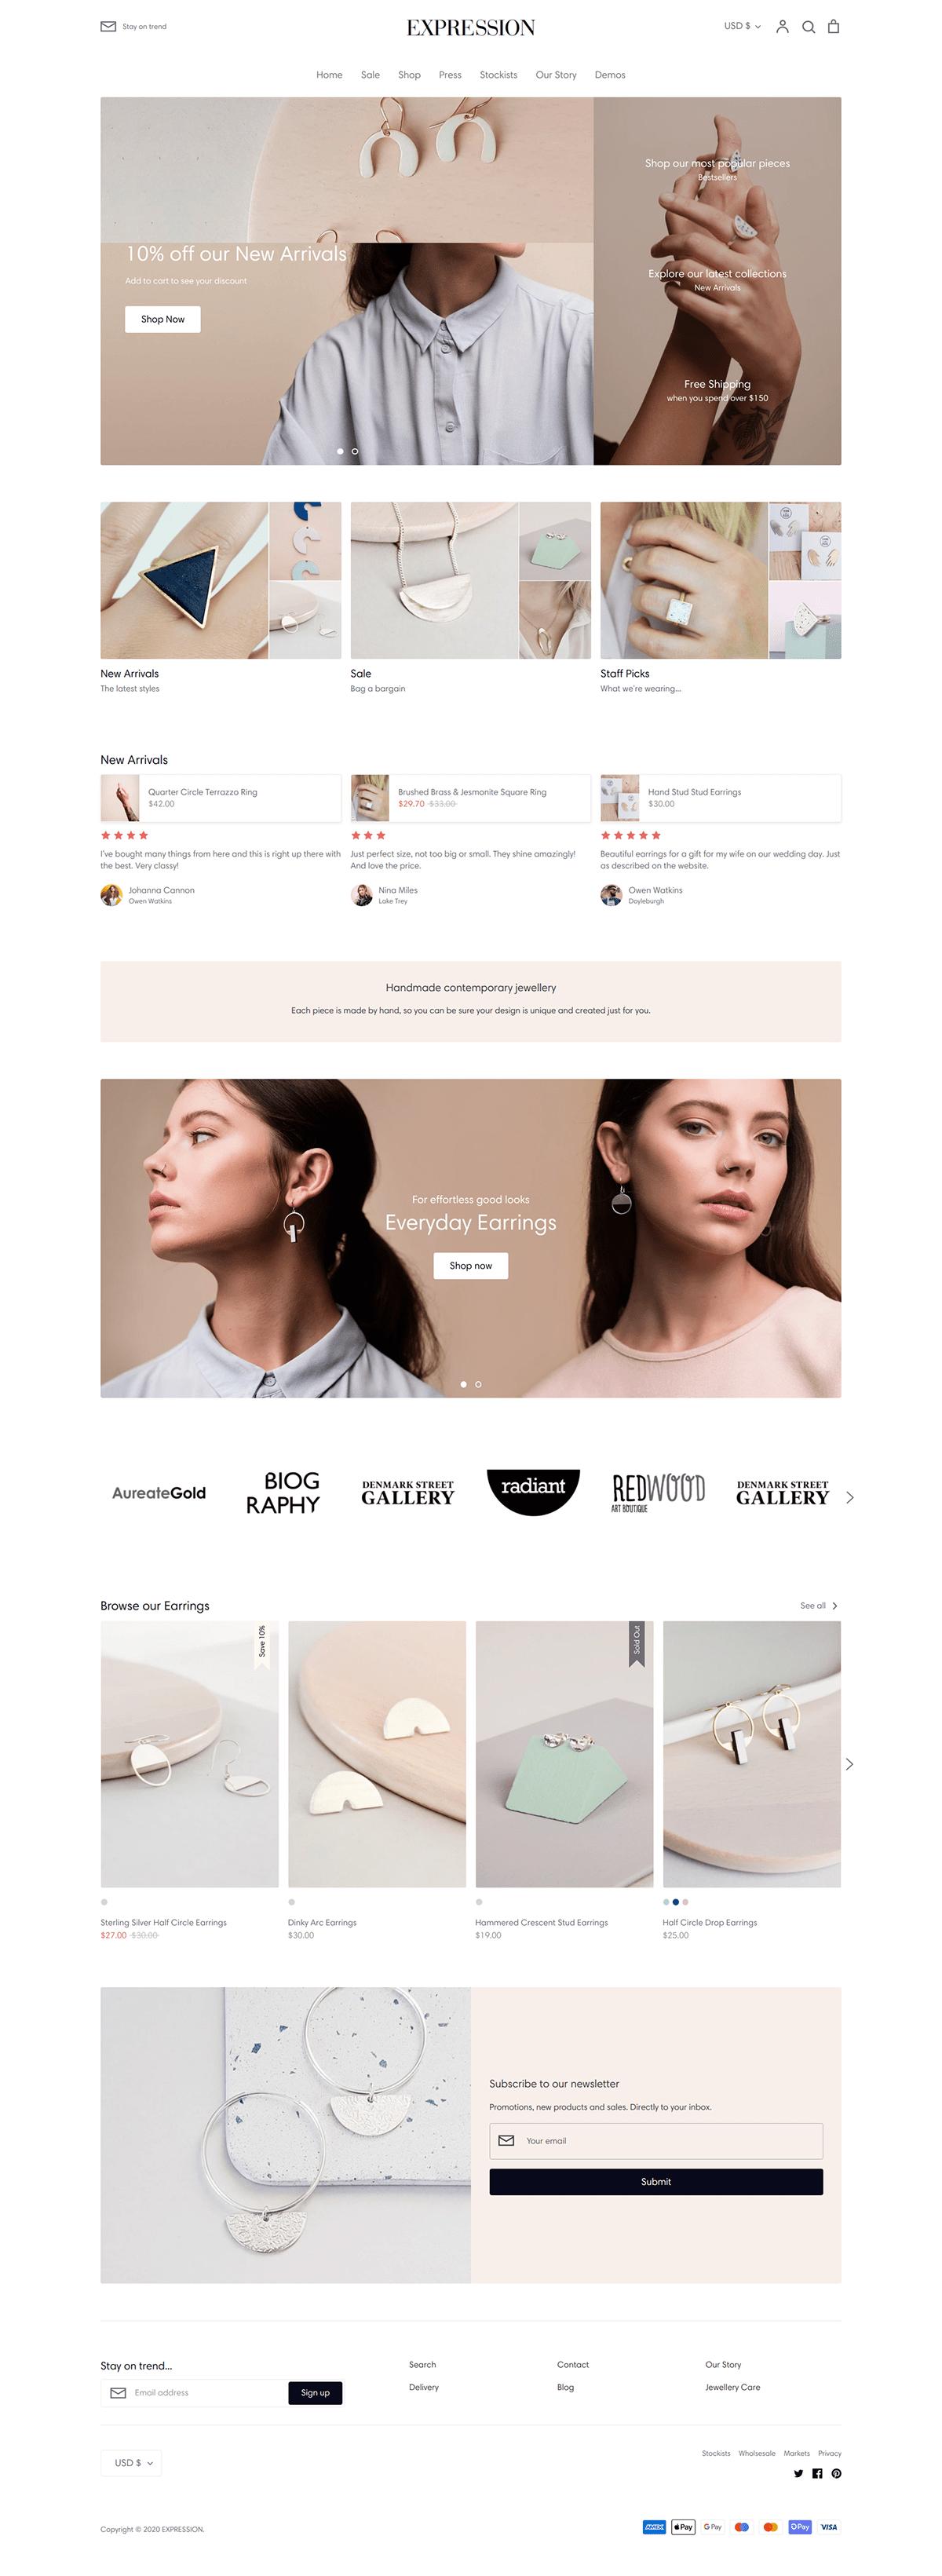 Image may contain: screenshot, human face and abstract